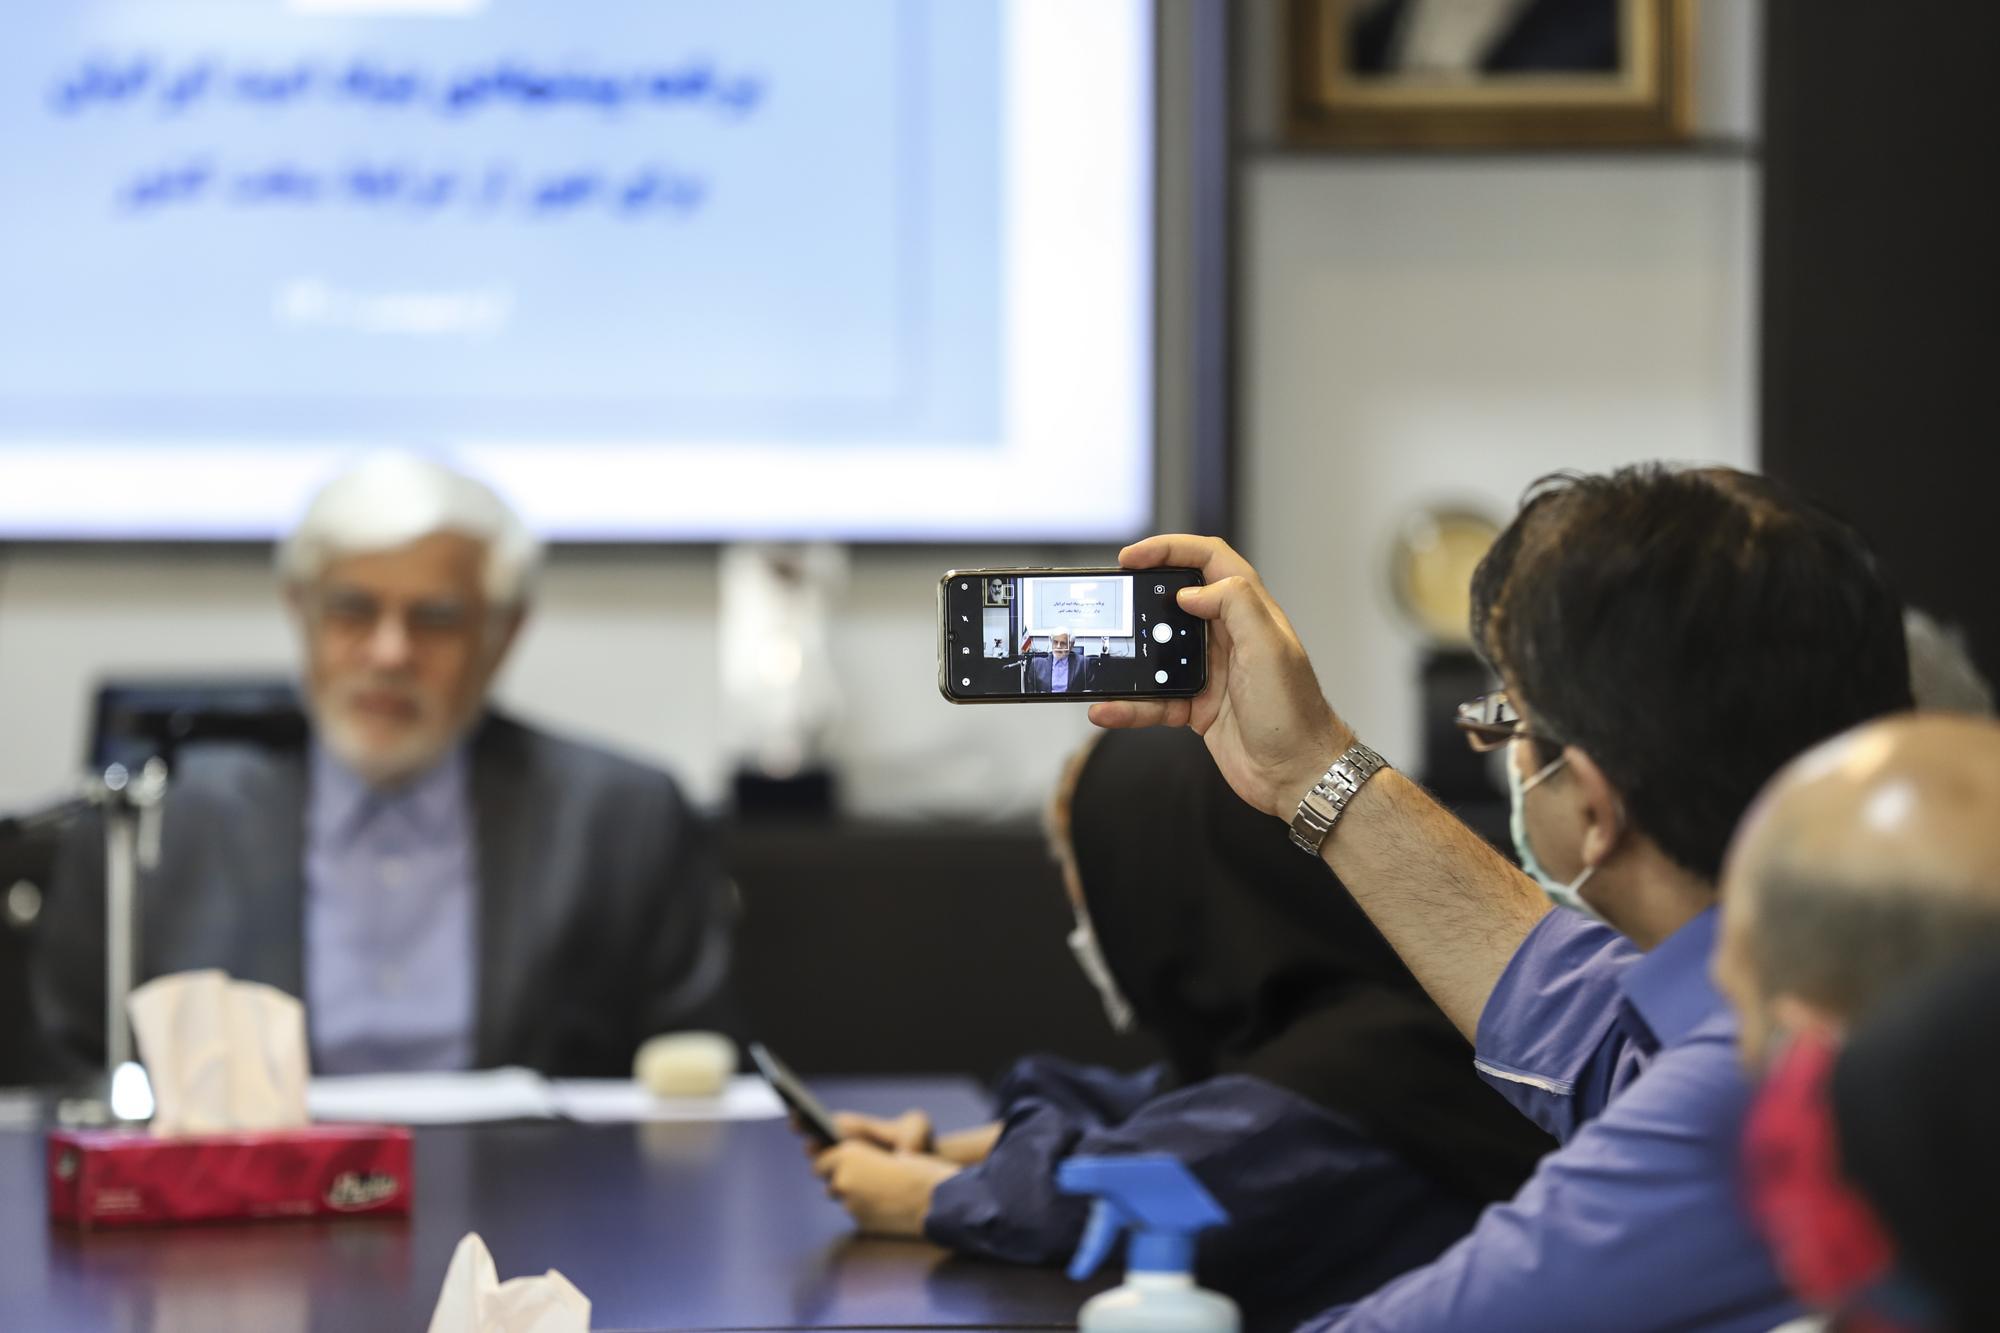 آیین رونمایی از برنامه پیشنهادی بنیاد امید ایرانیان برای عبور کشور از شرایط سخت